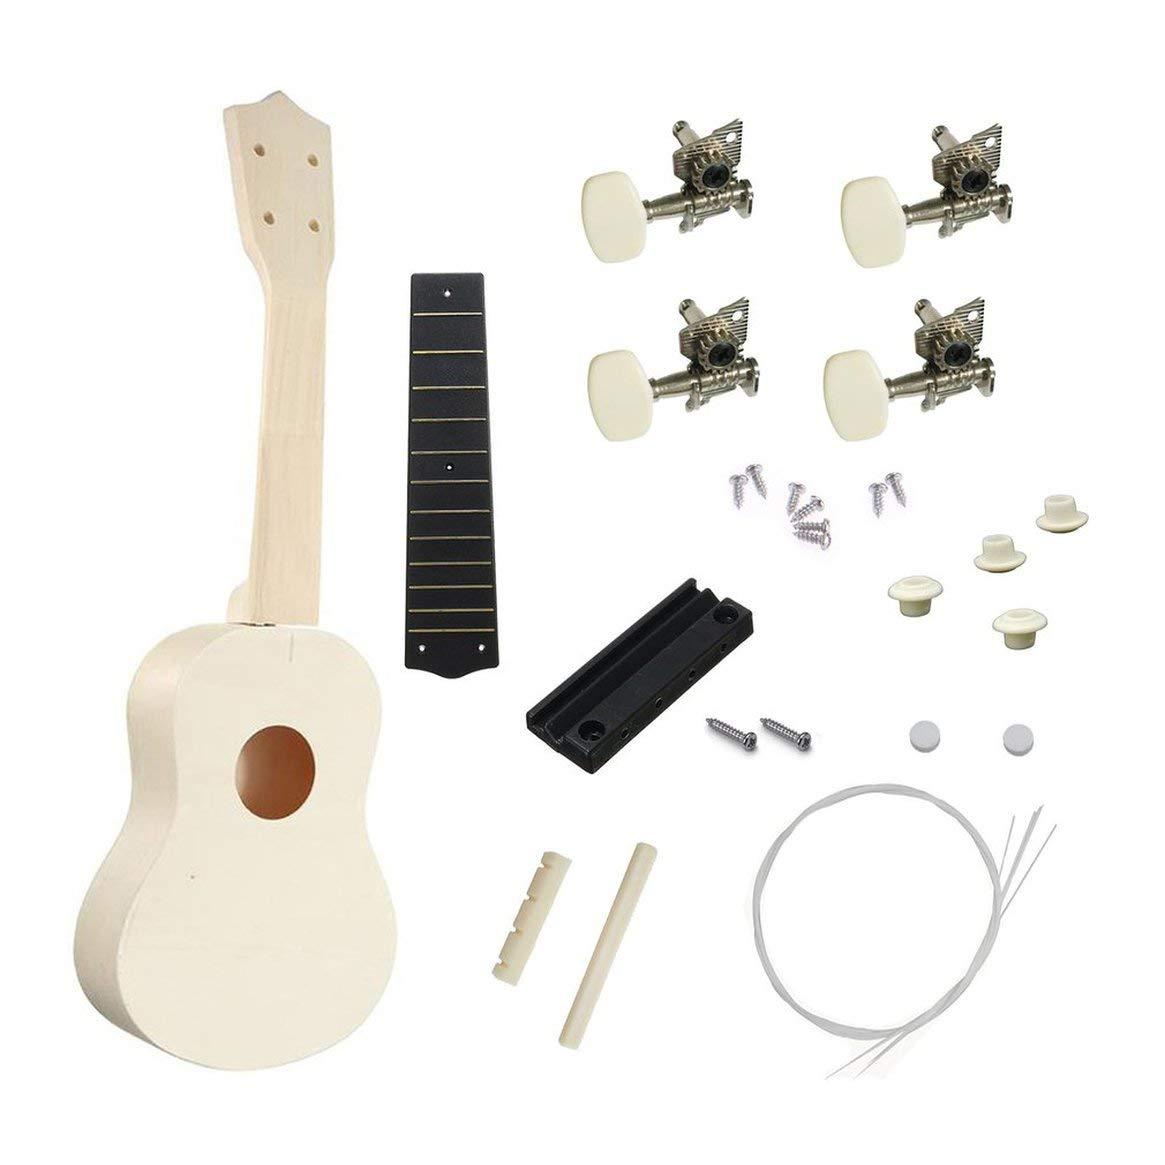 21 Ukulele DIY Set 4 cuerdas guitarra acú stica Instrumento musical de madera regalo soprano kit de guitarra hawaiana para principiantes Delicacydex